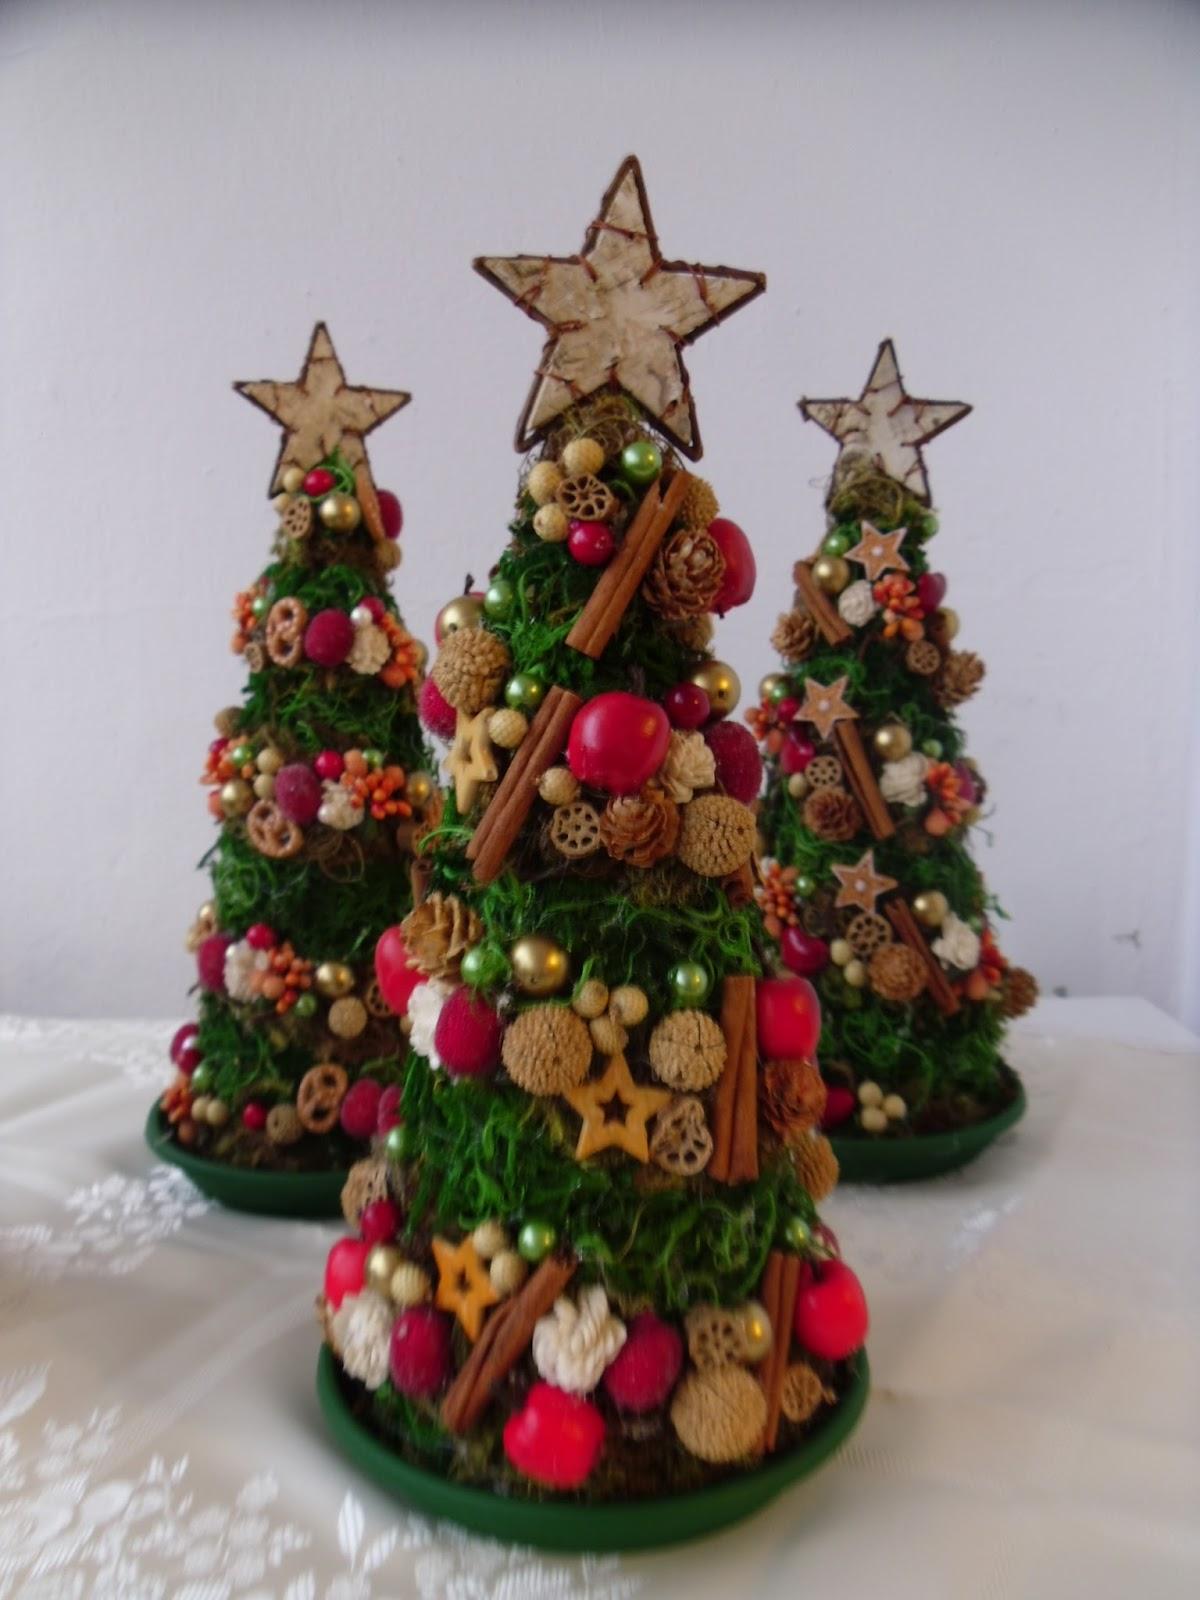 Ukochany Izes Ręcznie Robione: Dekoracje bożonarodzeniowe #EI-09